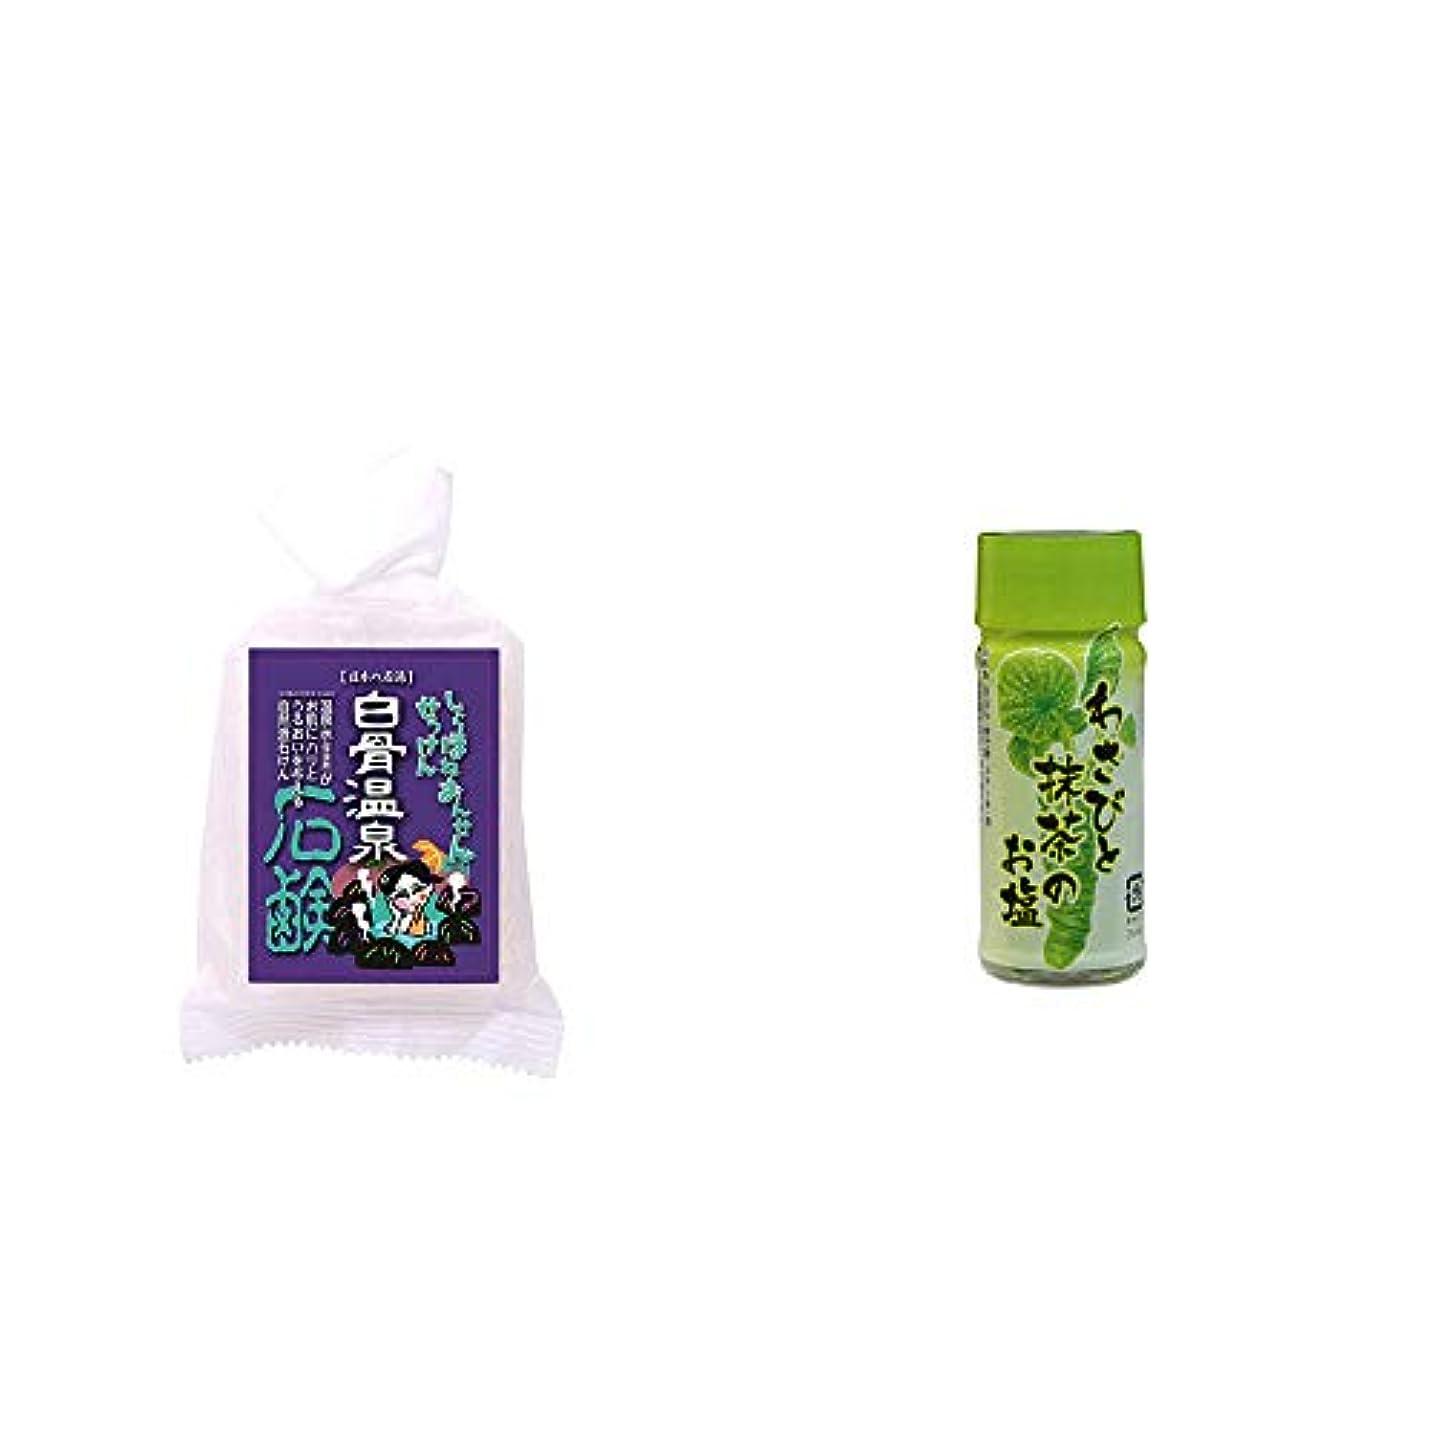 花休みスクワイア[2点セット] 信州 白骨温泉石鹸(80g)?わさびと抹茶のお塩(30g)